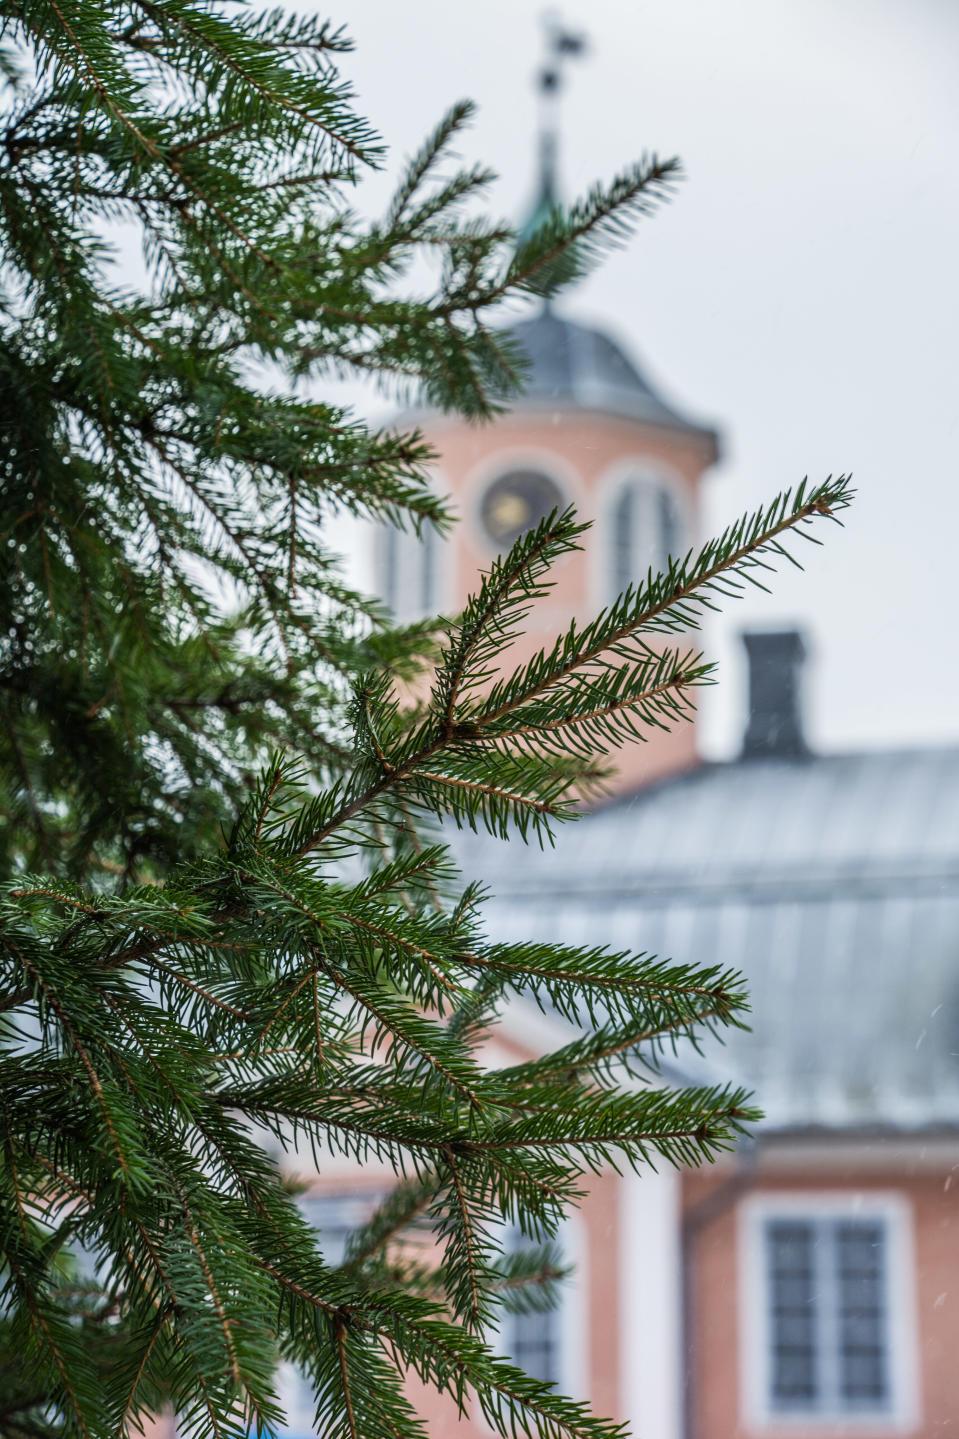 Julgran i förgrunden och rådhus i bakgrunden